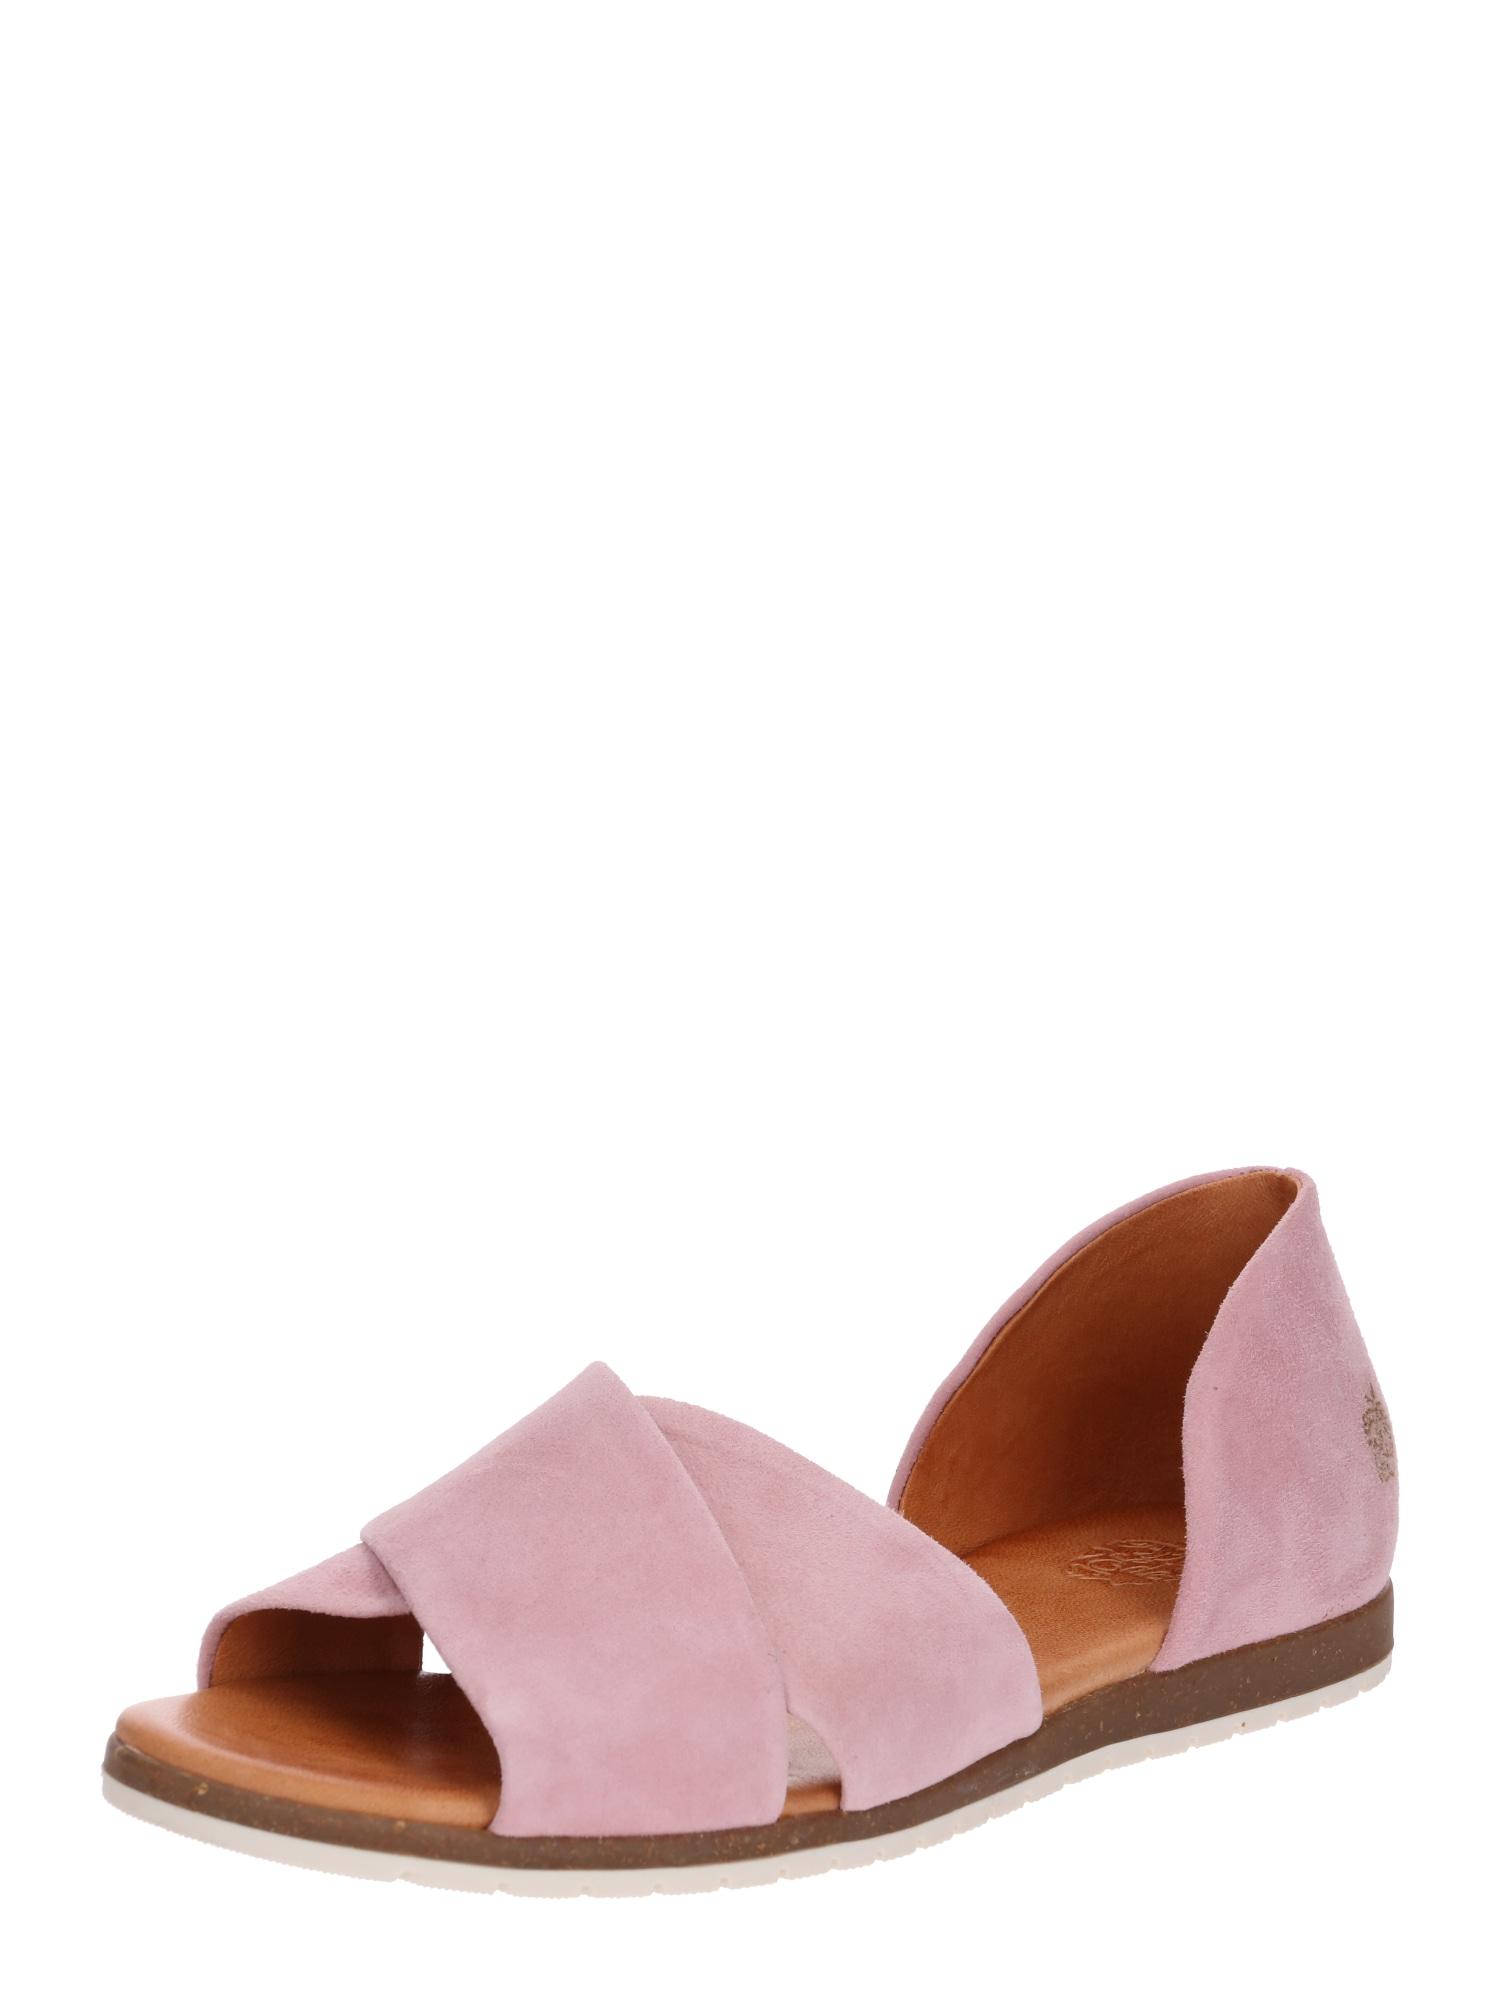 Sandály Chiusi béžová růžová Apple Of Eden